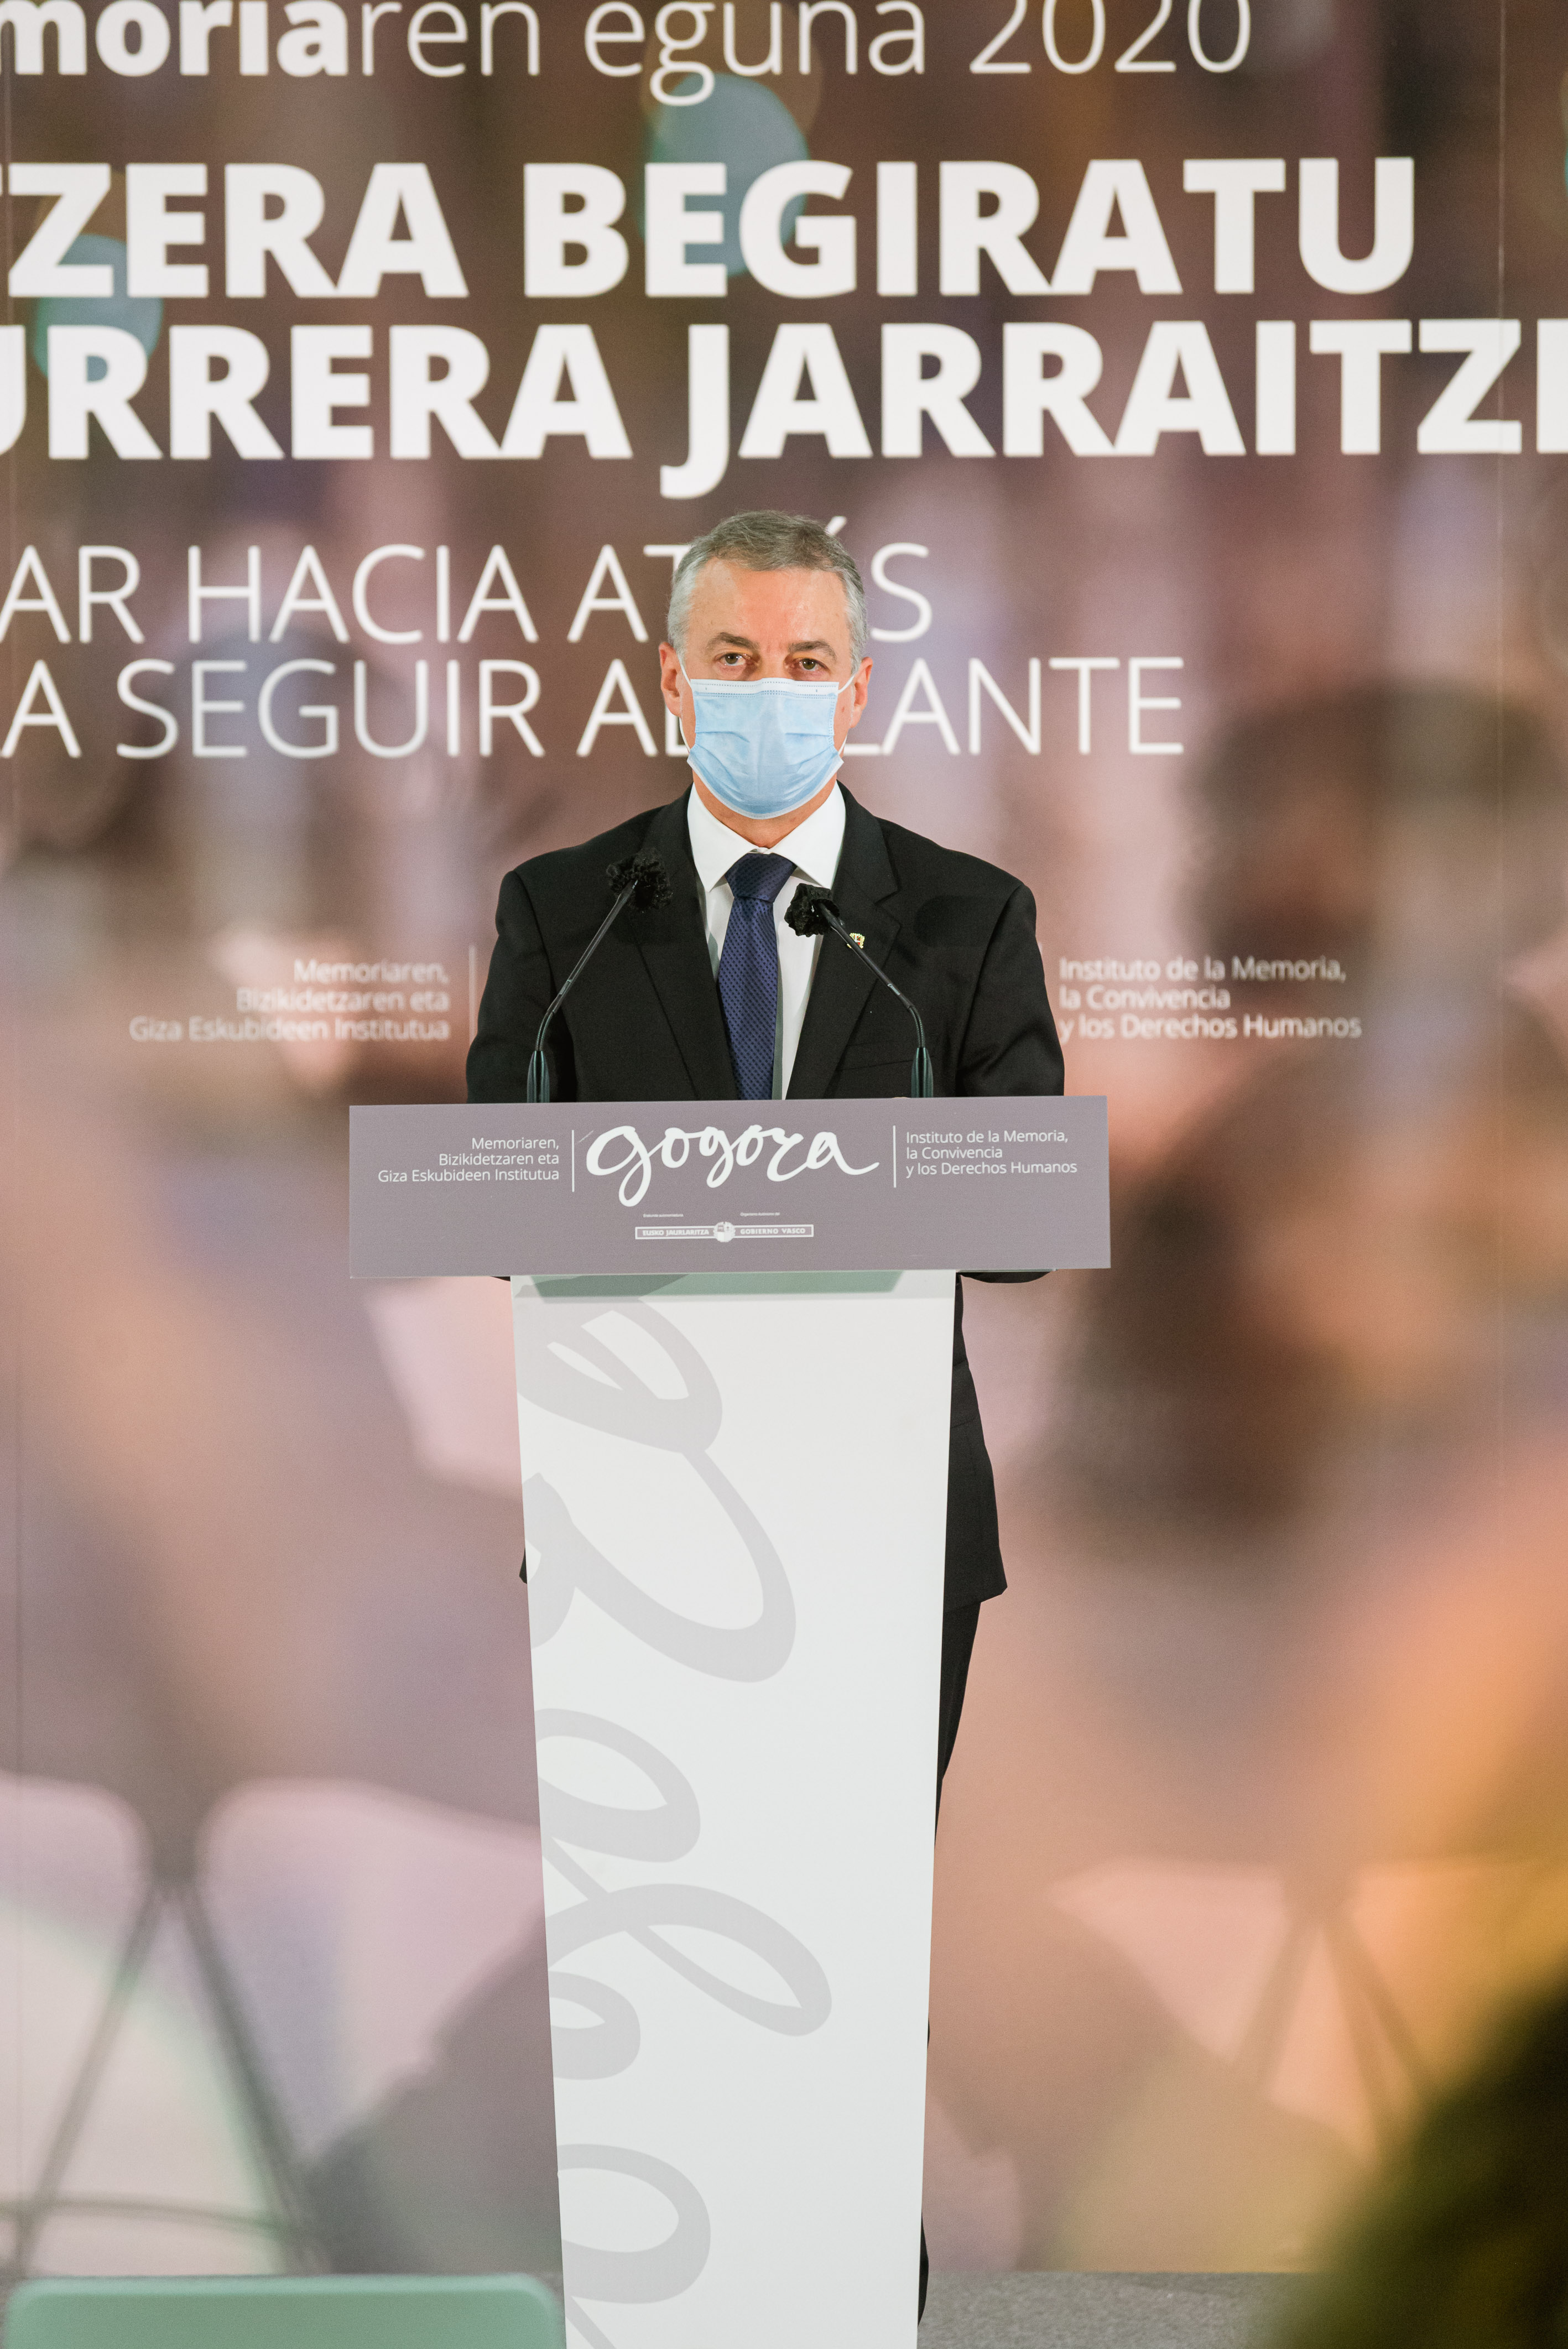 Dia-memoria_Bilbao_10-11-2020_usual-6515.jpg